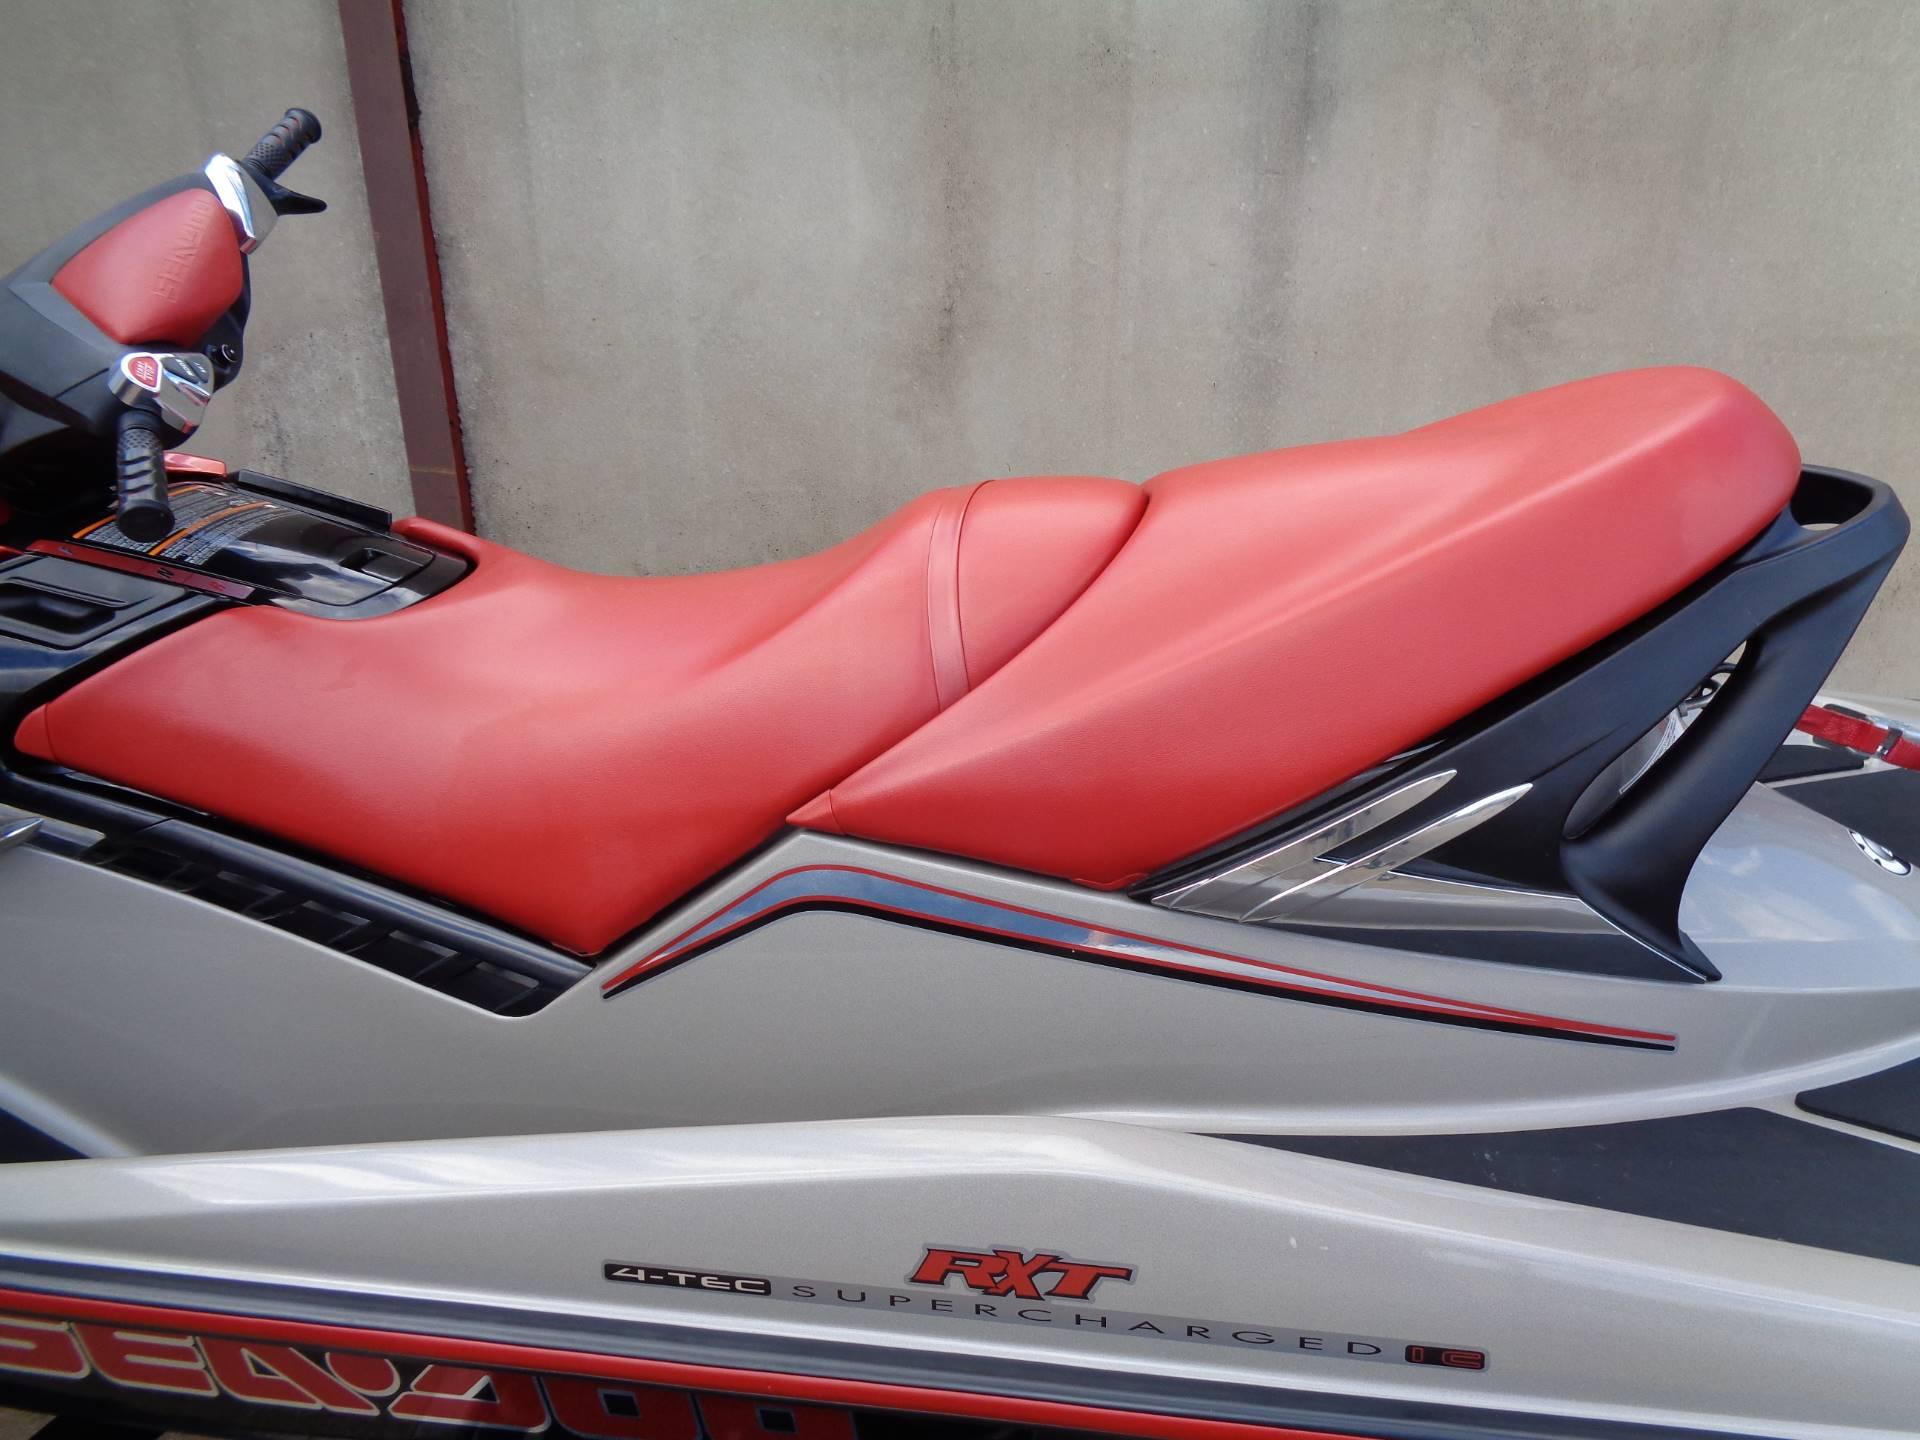 2005 Sea-Doo RXT™ in Broken Arrow, Oklahoma